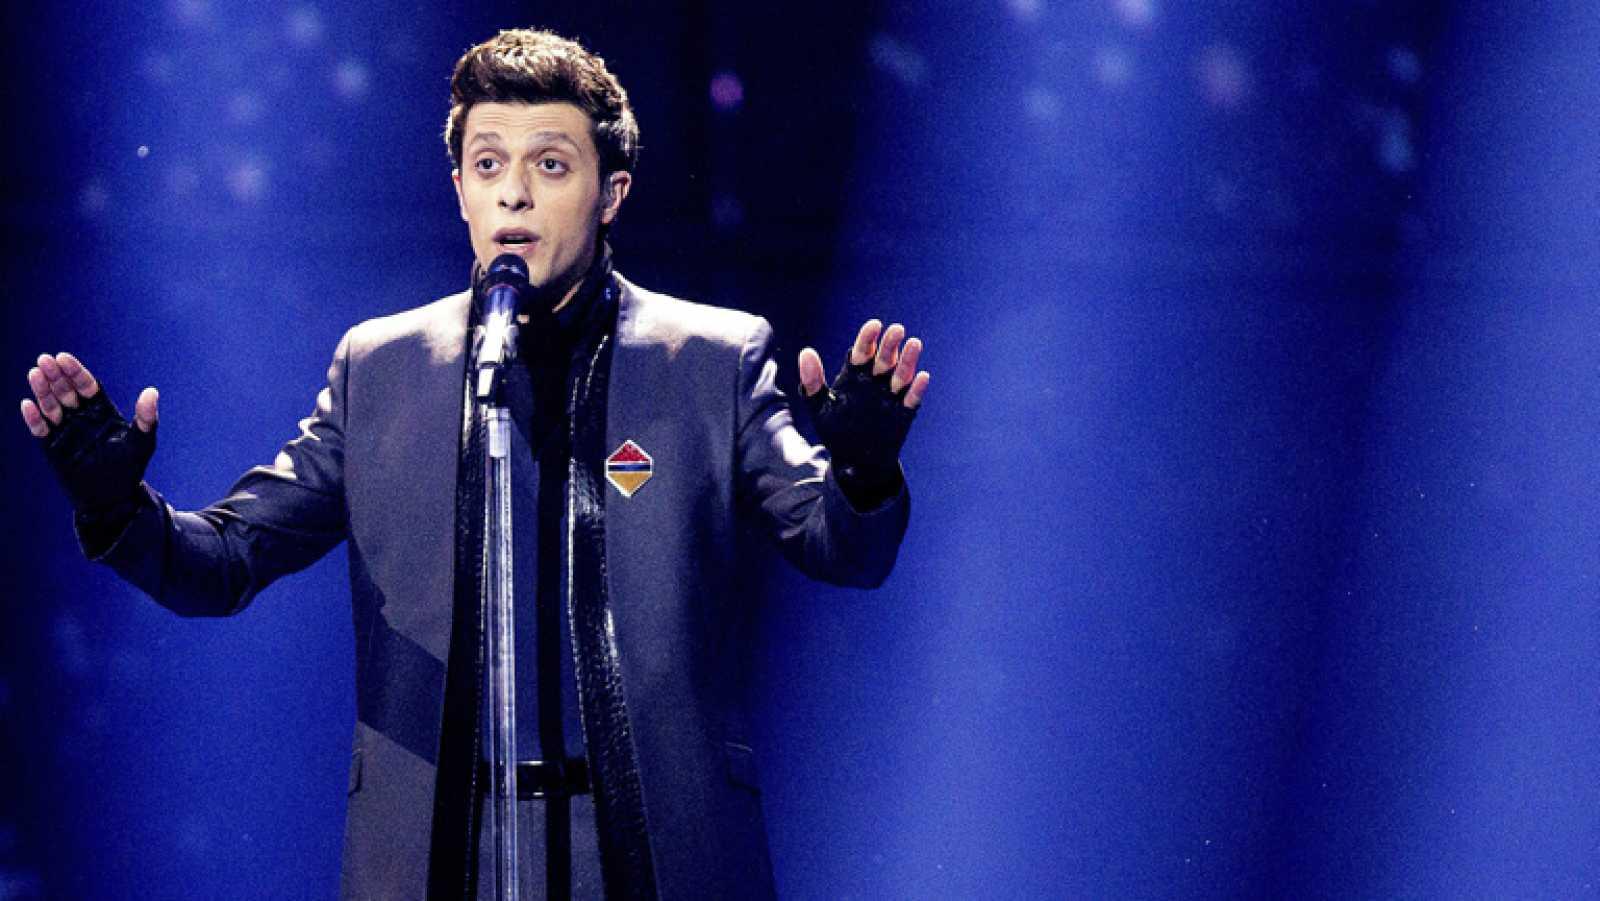 """Eurovisión 2014 - Aram Mp3 representa a Armenia con la canción """"Not alone"""""""